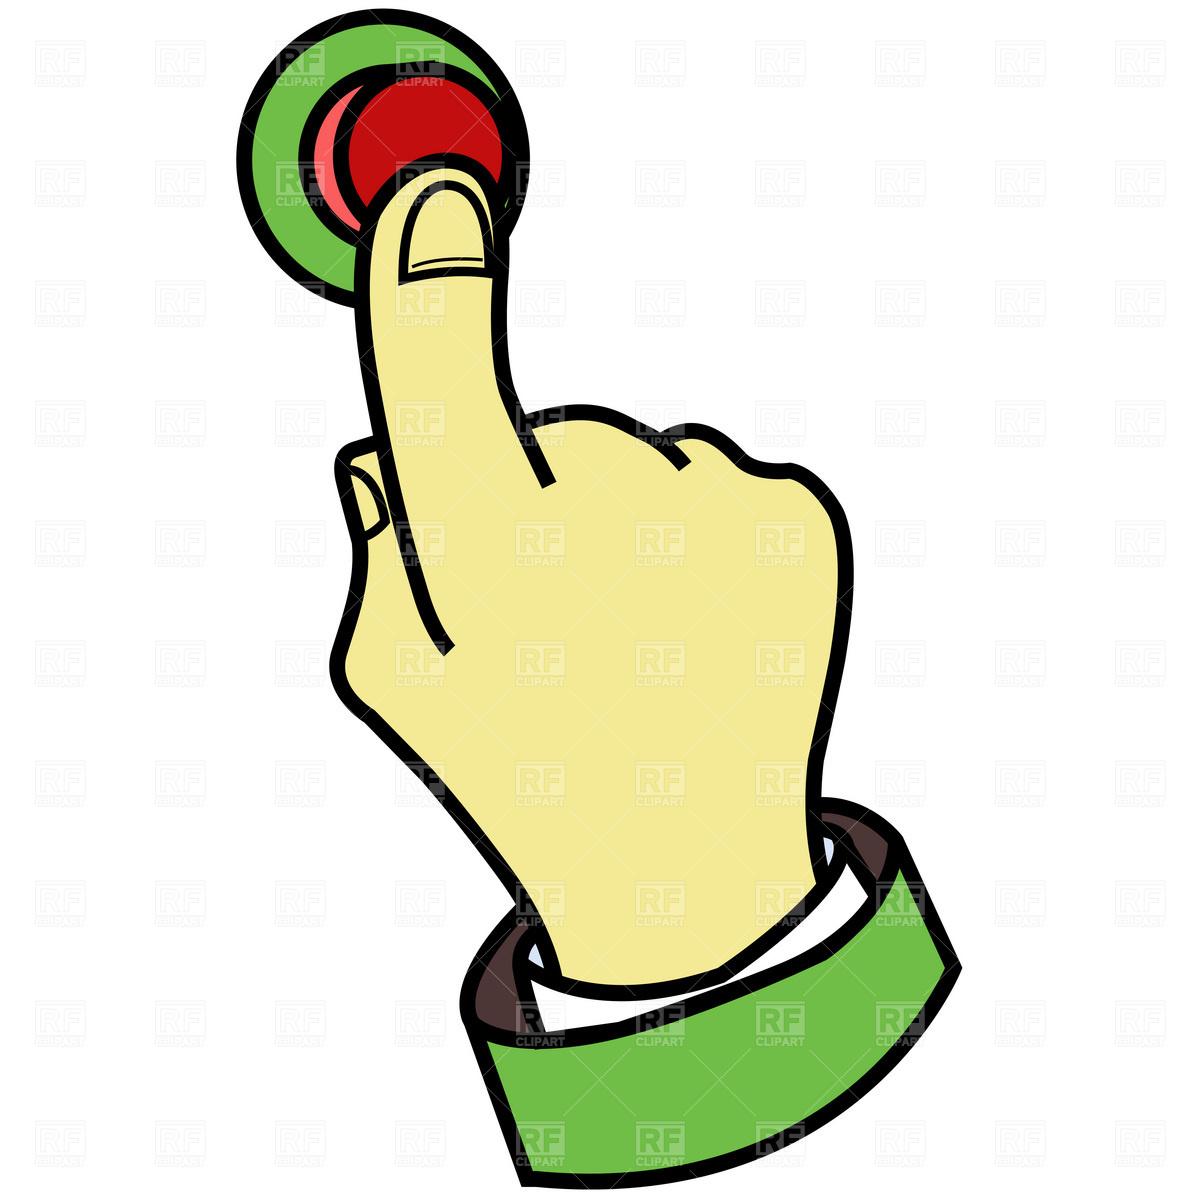 Press Button Clipart.